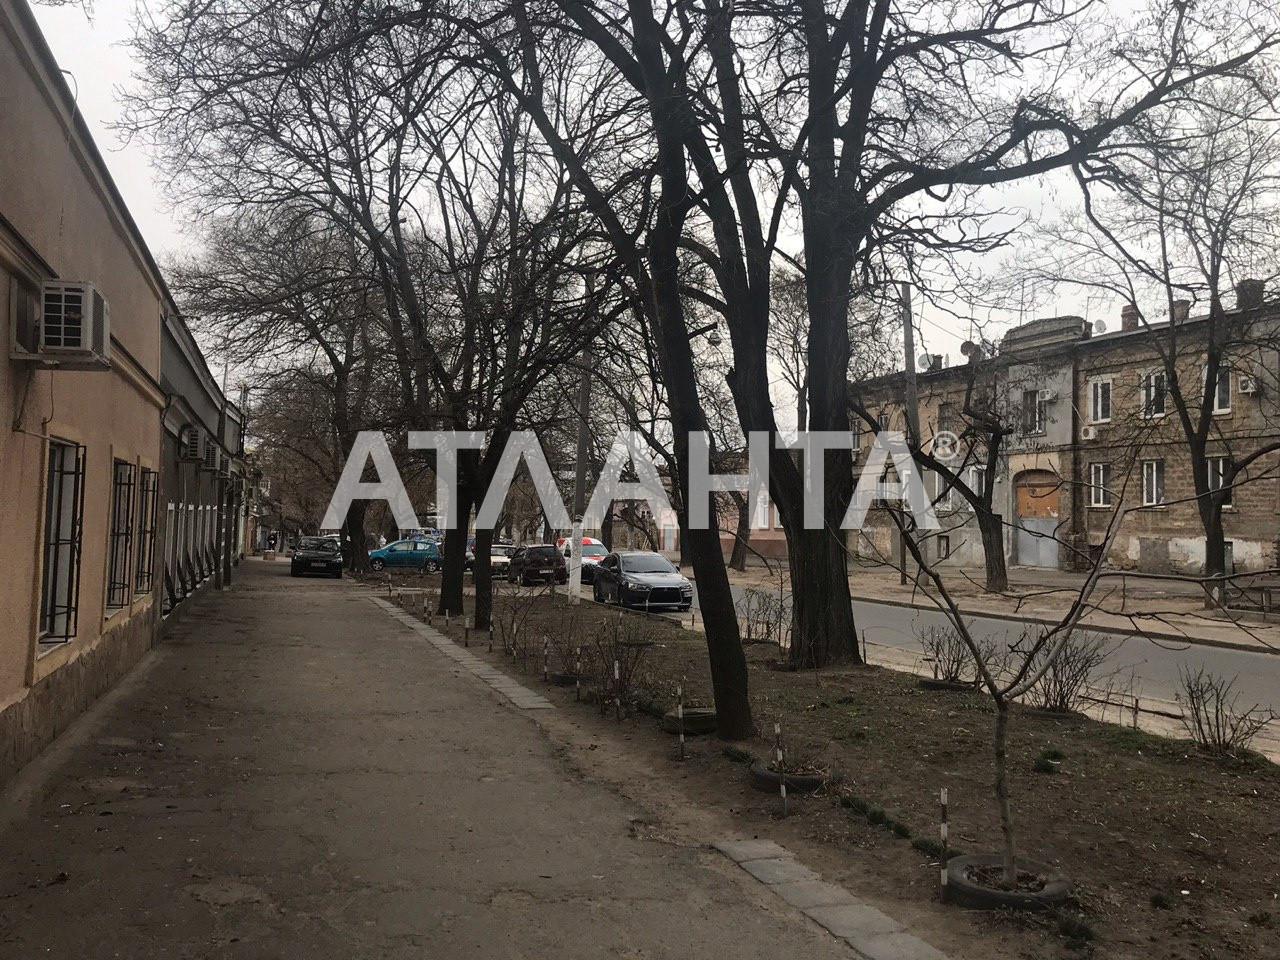 Продается 1-комнатная Квартира на ул. Ризовская (Севастопольская) — 15 500 у.е. (фото №9)